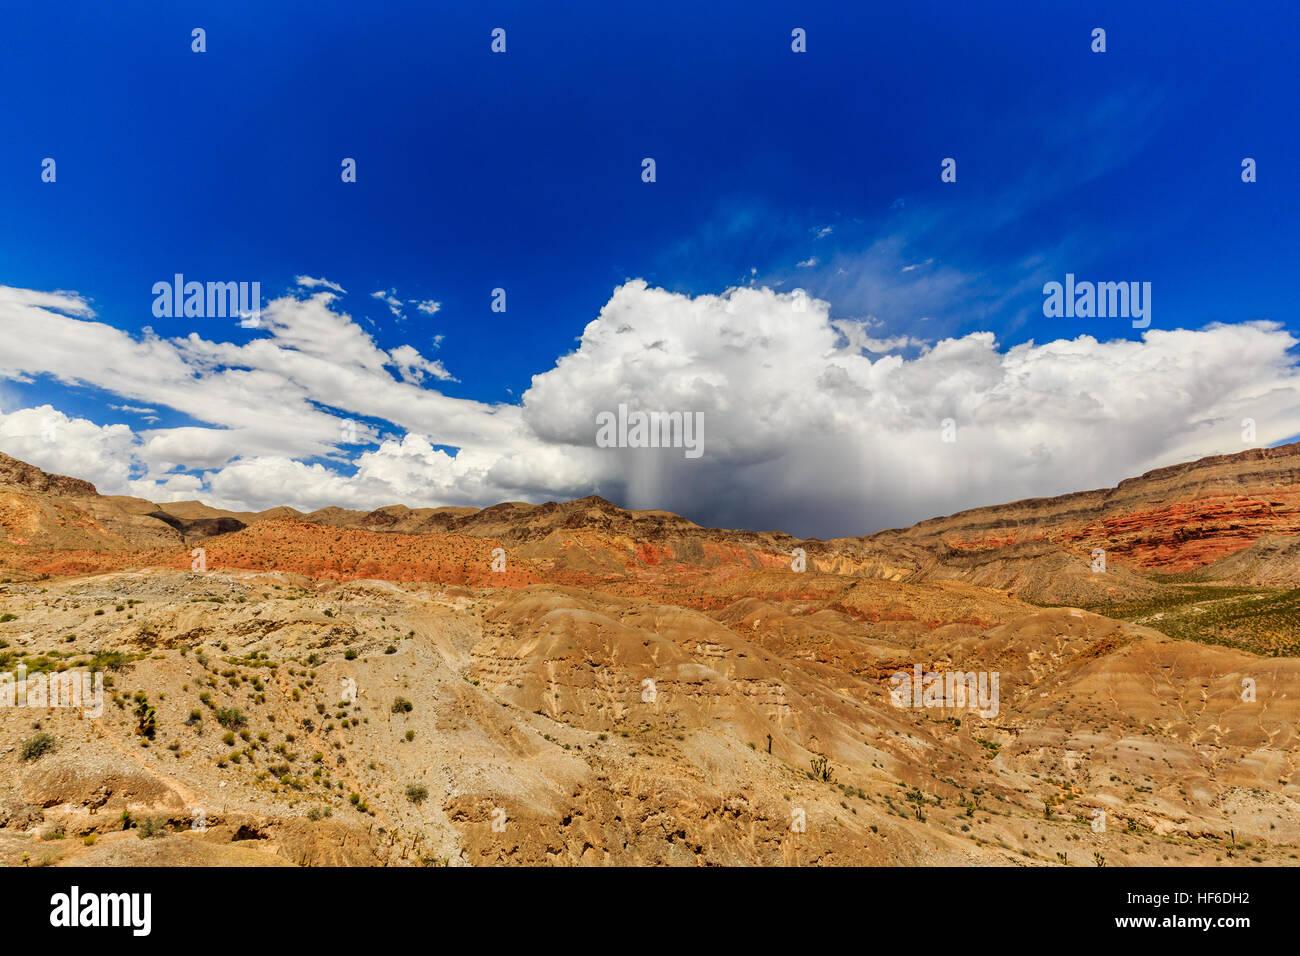 Joshua Tree Road, Mojave Desert (Scenic Backway) - Stock Image